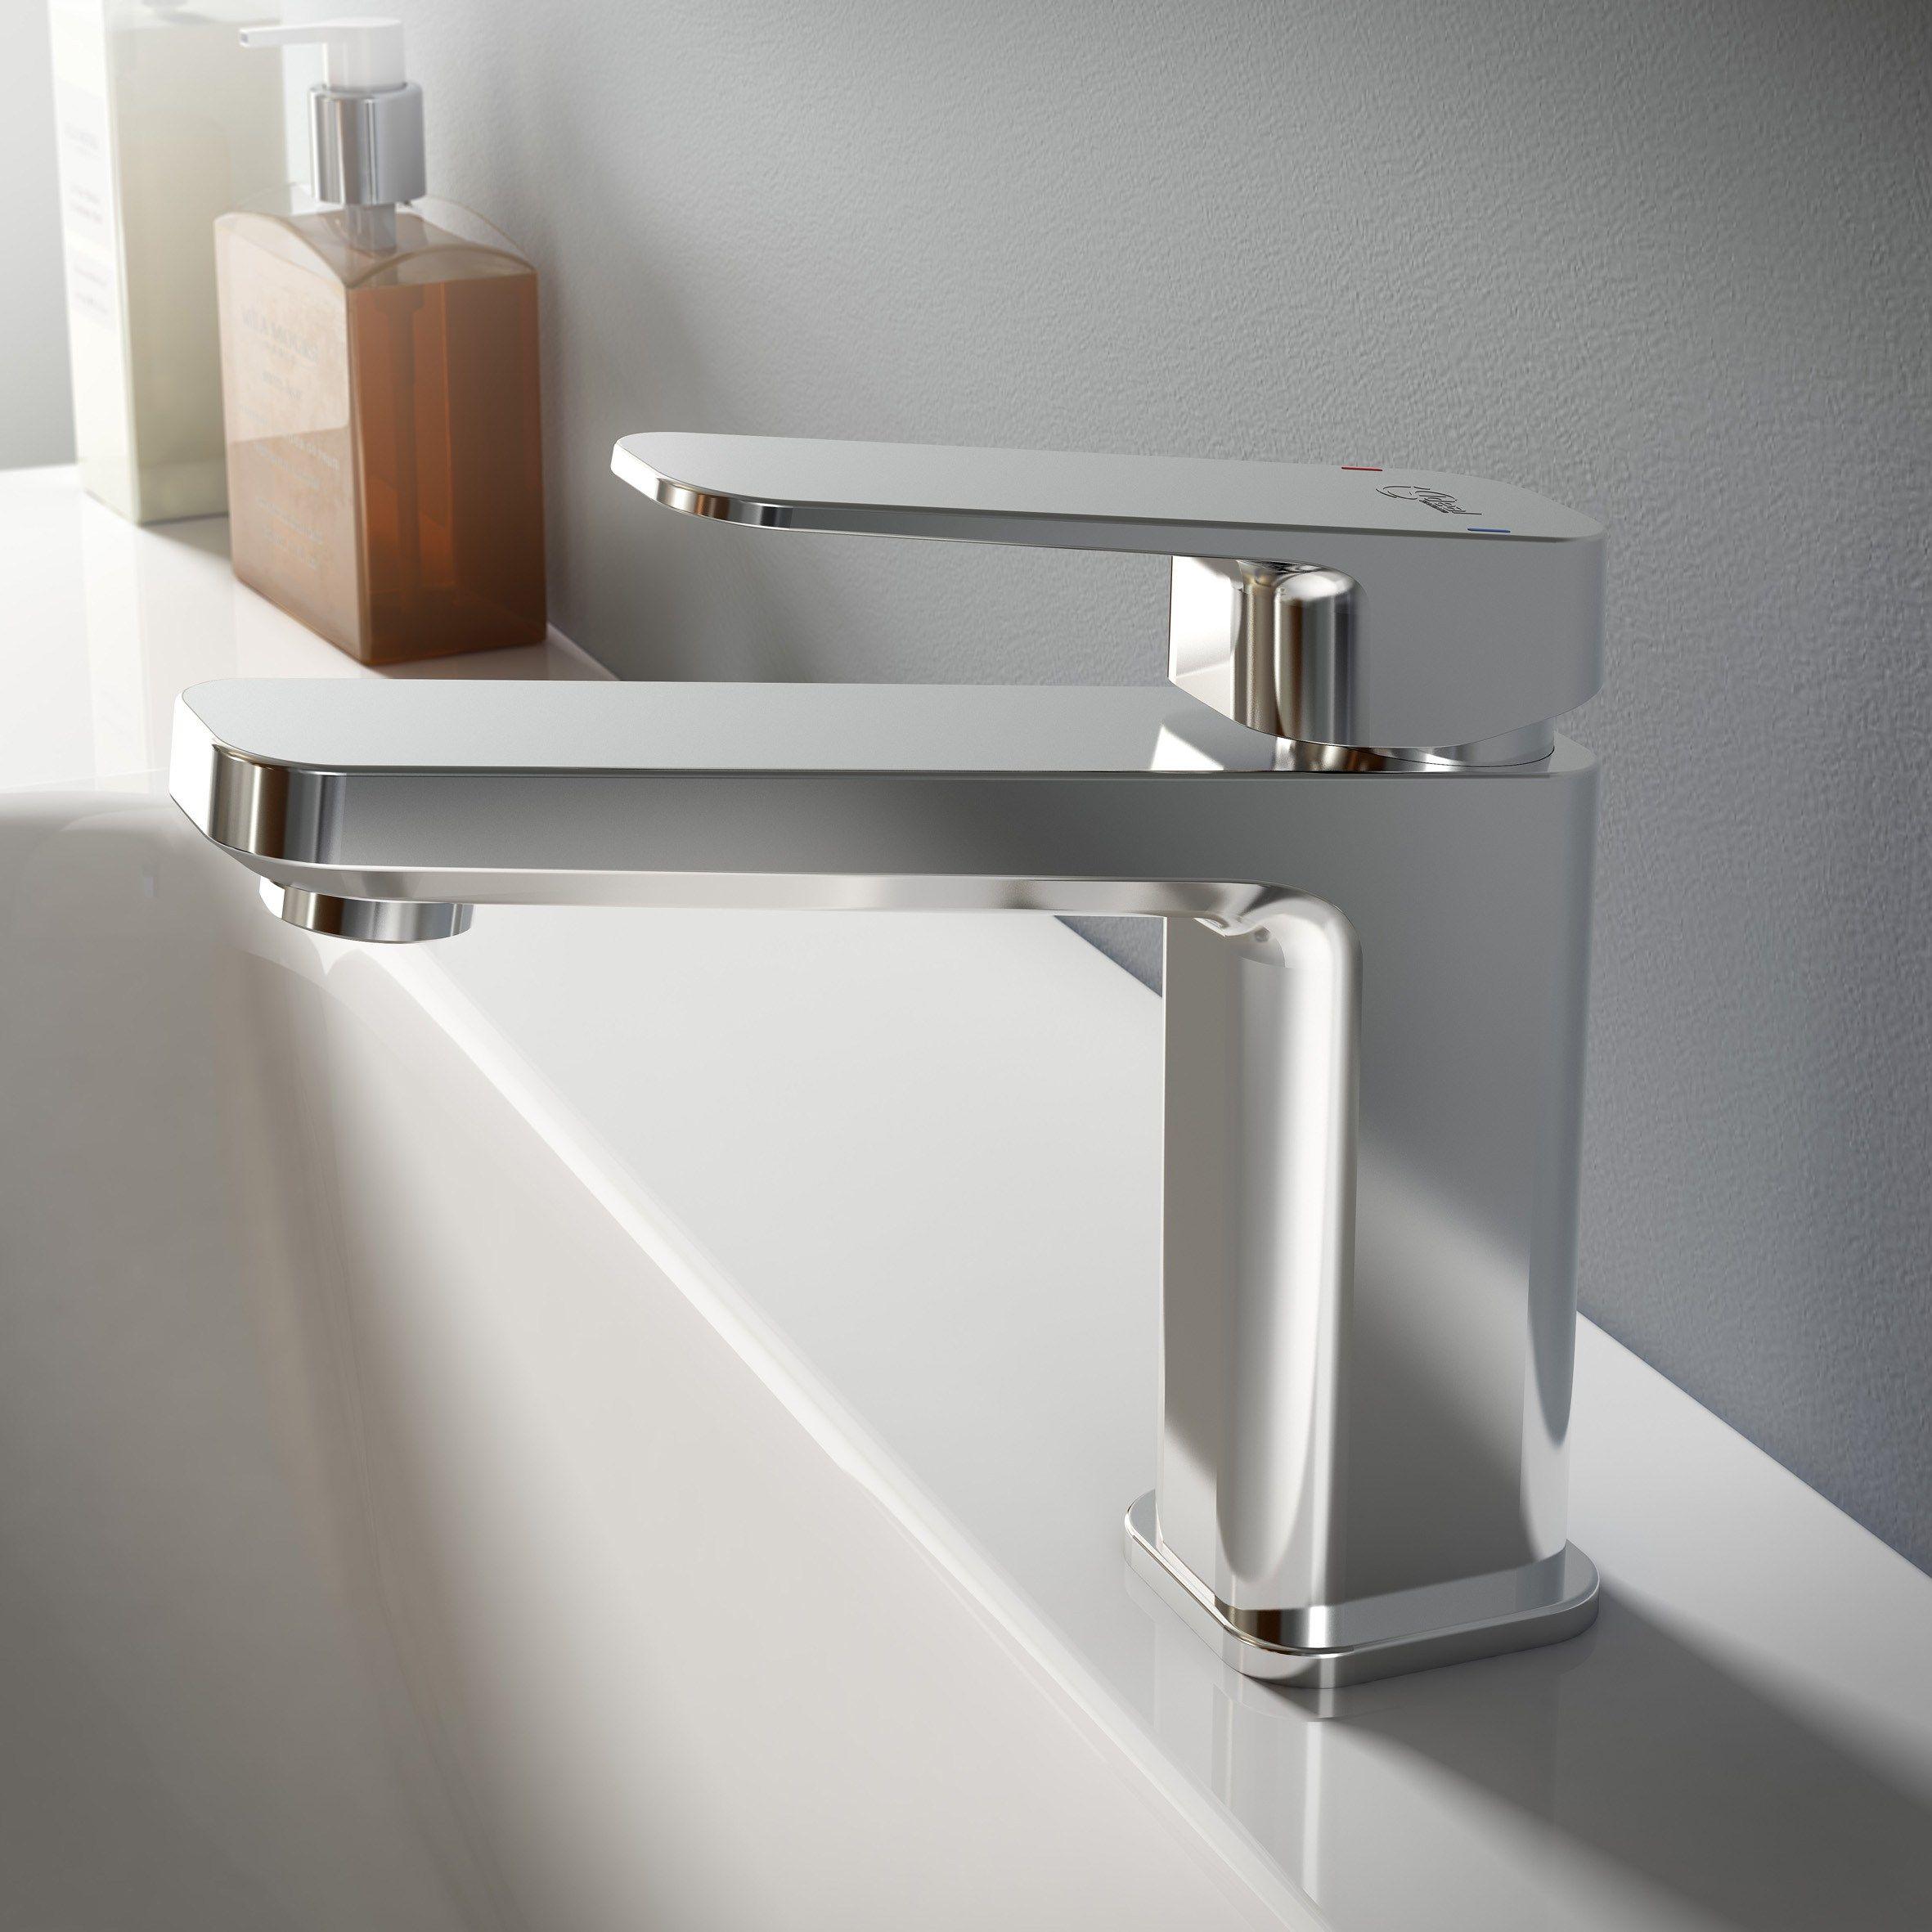 arredo bagno completo tonic ii by ideal standard design artefakt industriekultur